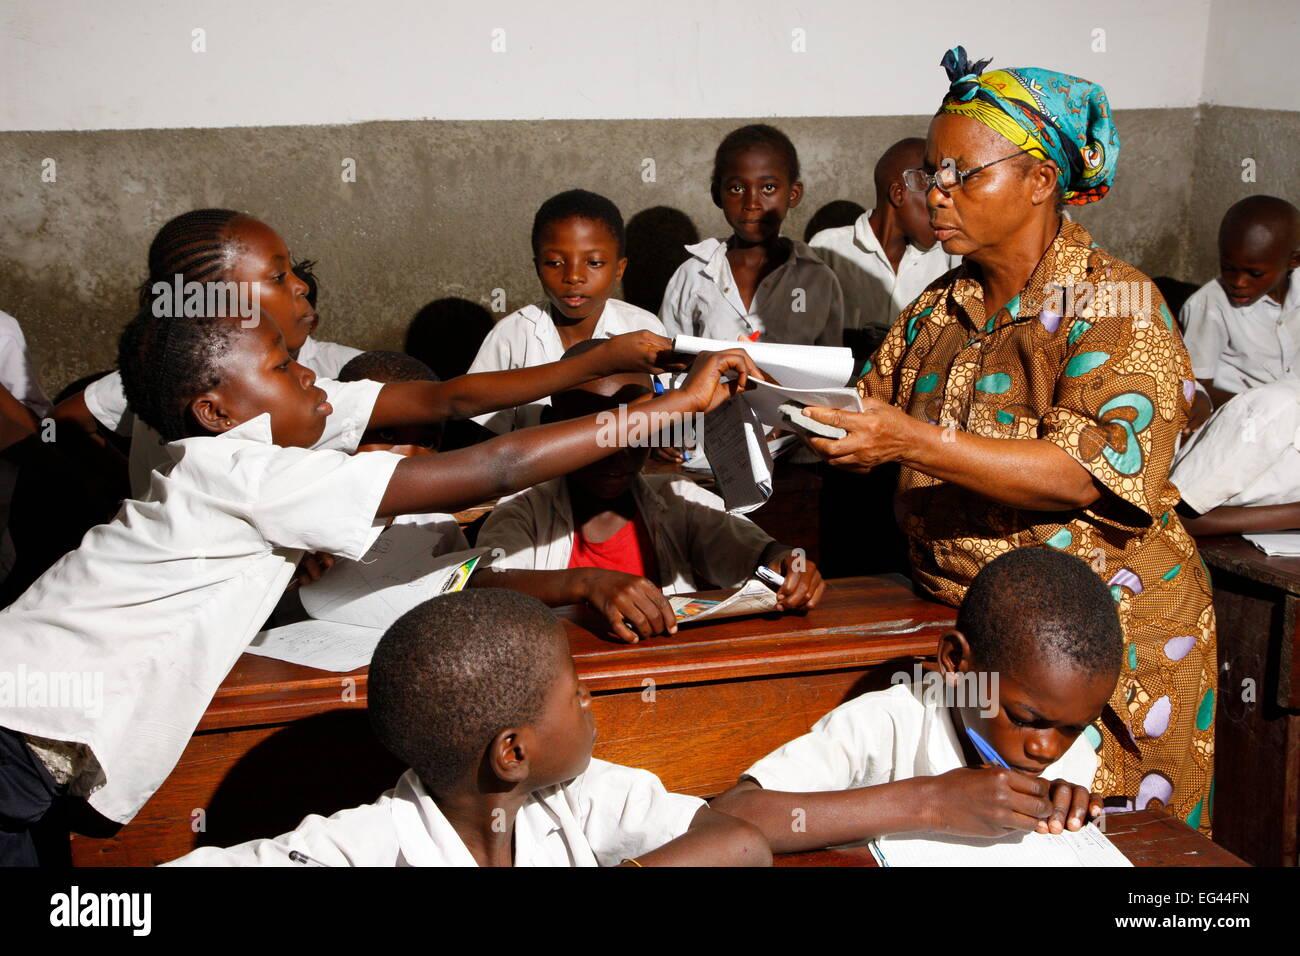 Teacher and school children in school uniform during class, Kinshasa, Congo - Stock Image